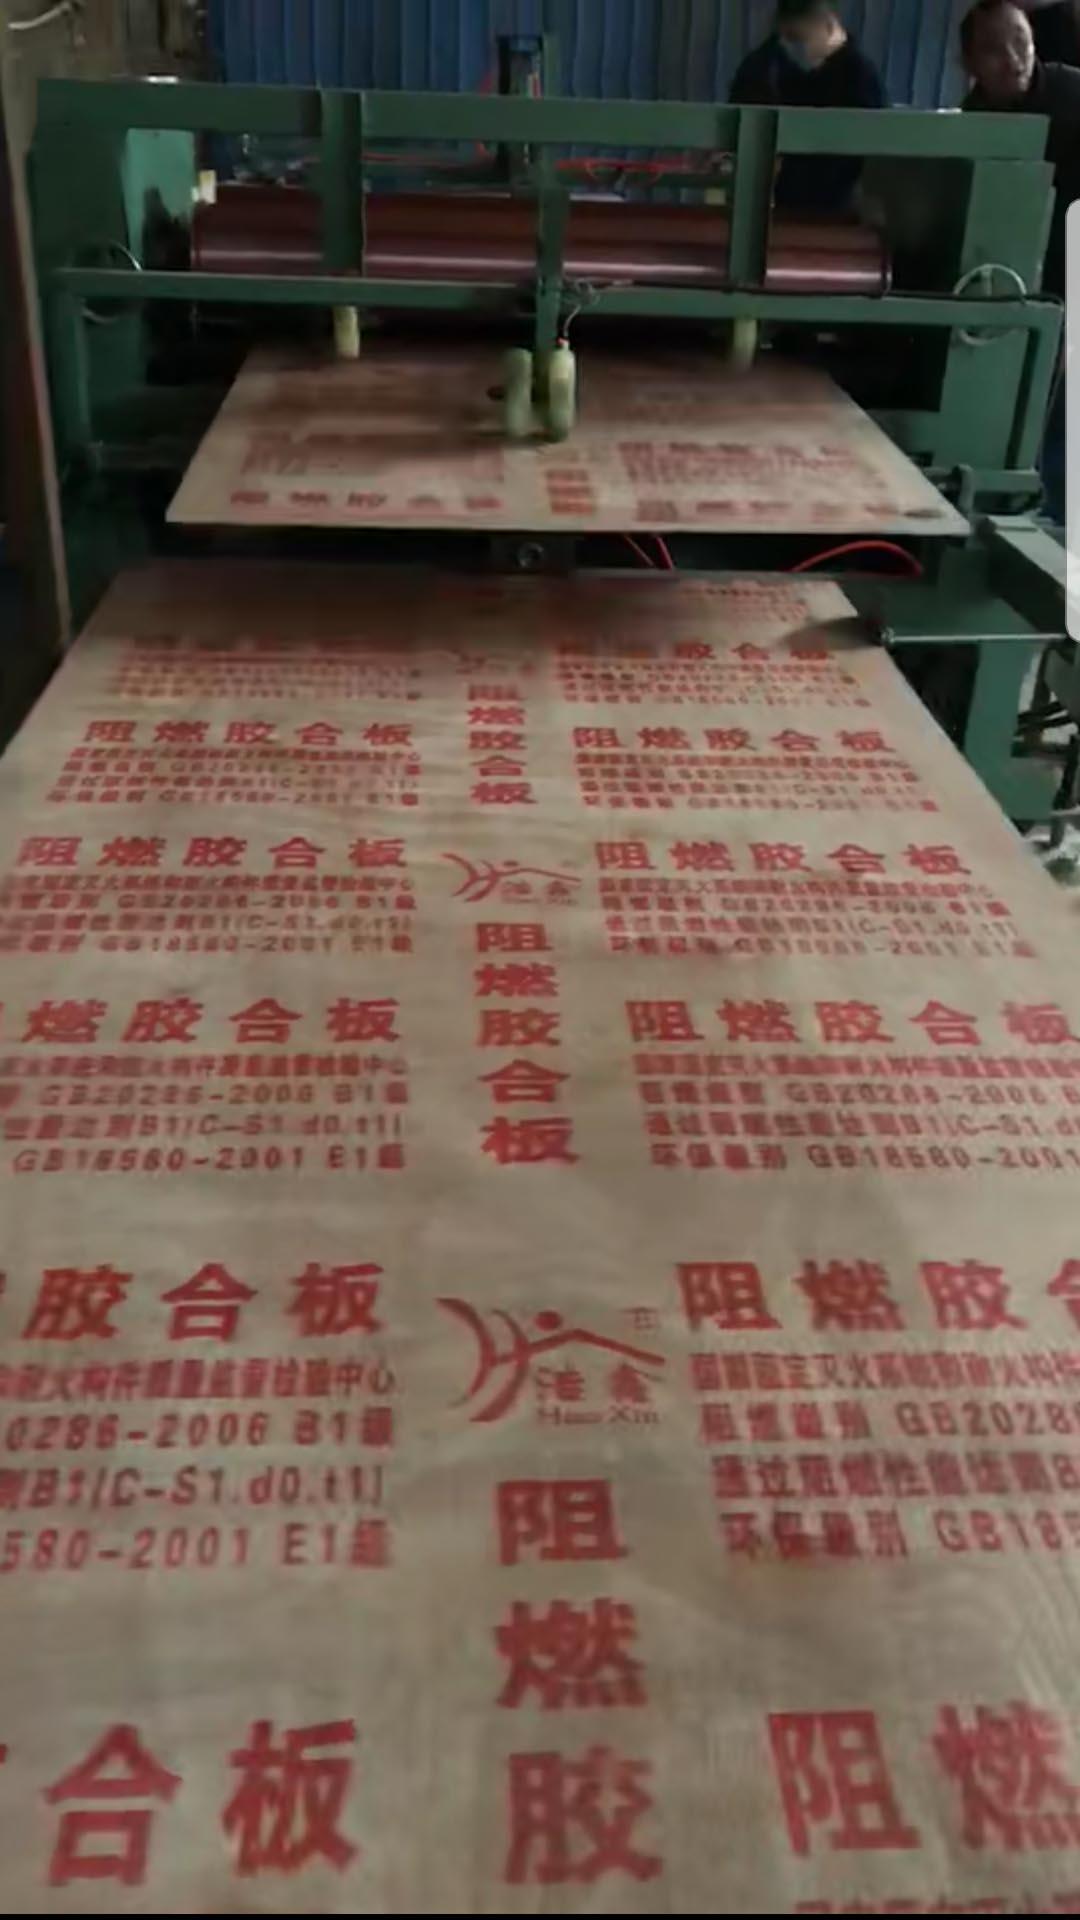 声誉好的阻燃板供应商当属临沂市志国木业_浩鑫阻燃板